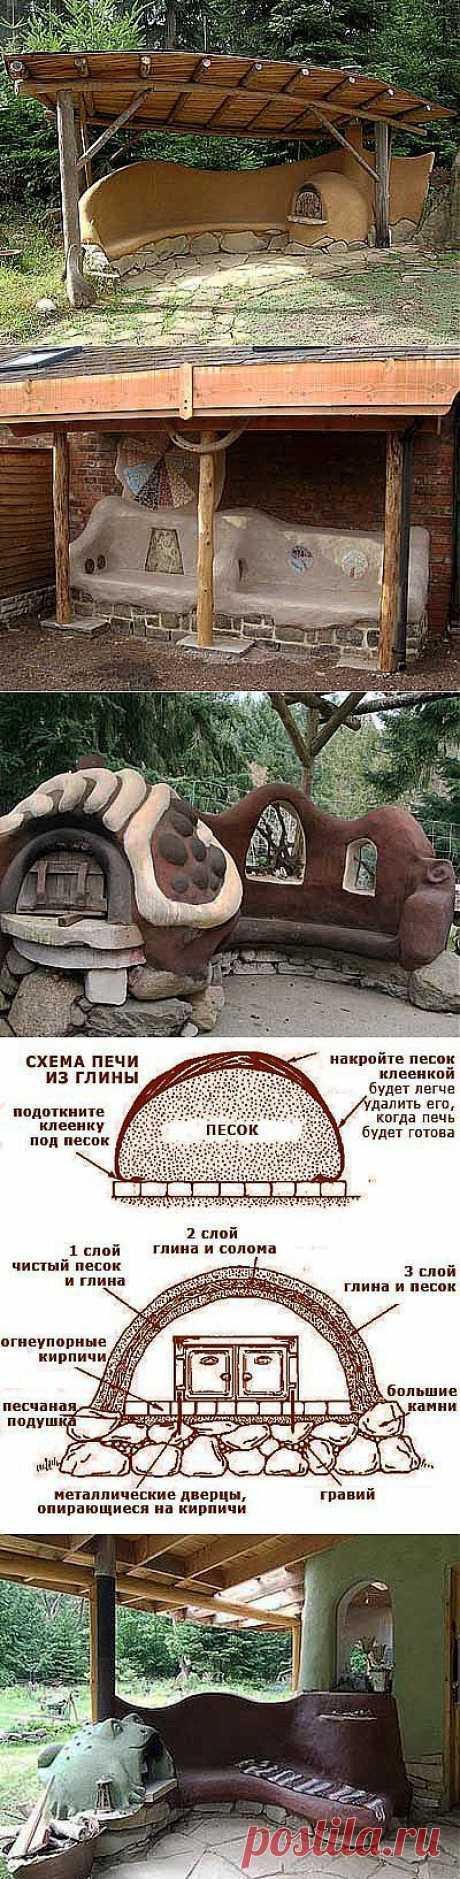 Дачные постройки: оригинальные скамейки под навесом